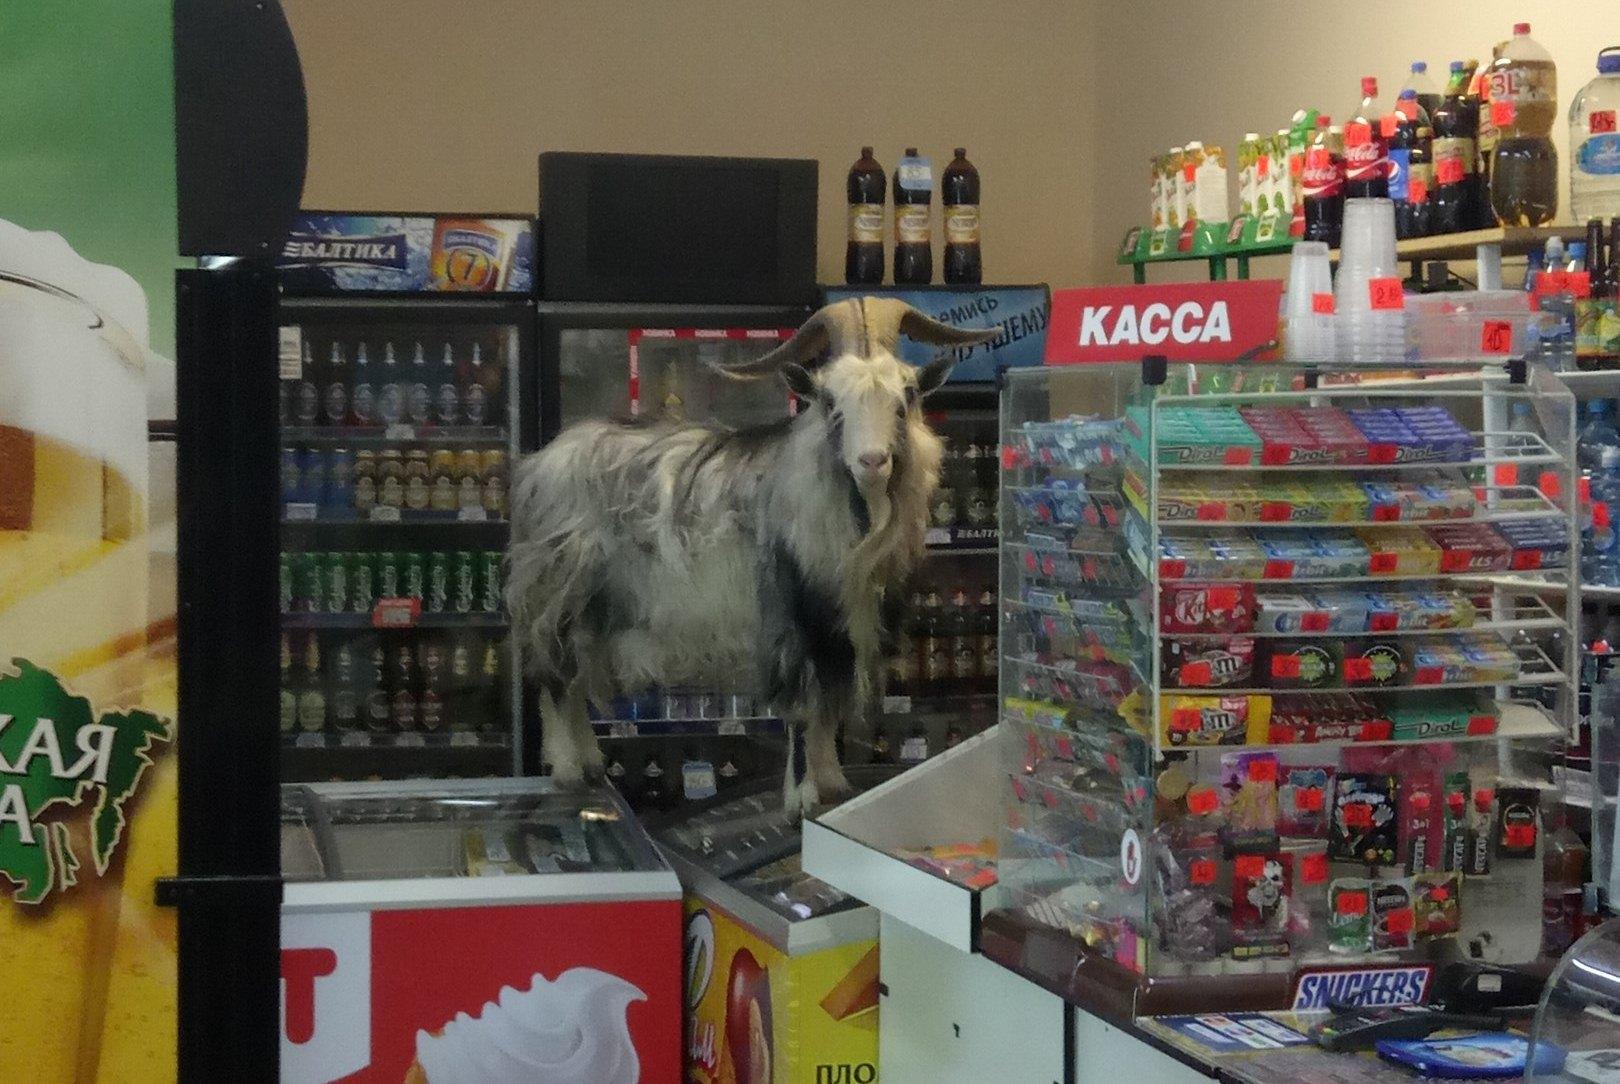 Рыба в носках, козел в магазине и мужик в детской карусели: курьезы 2017 года в Вологодской области